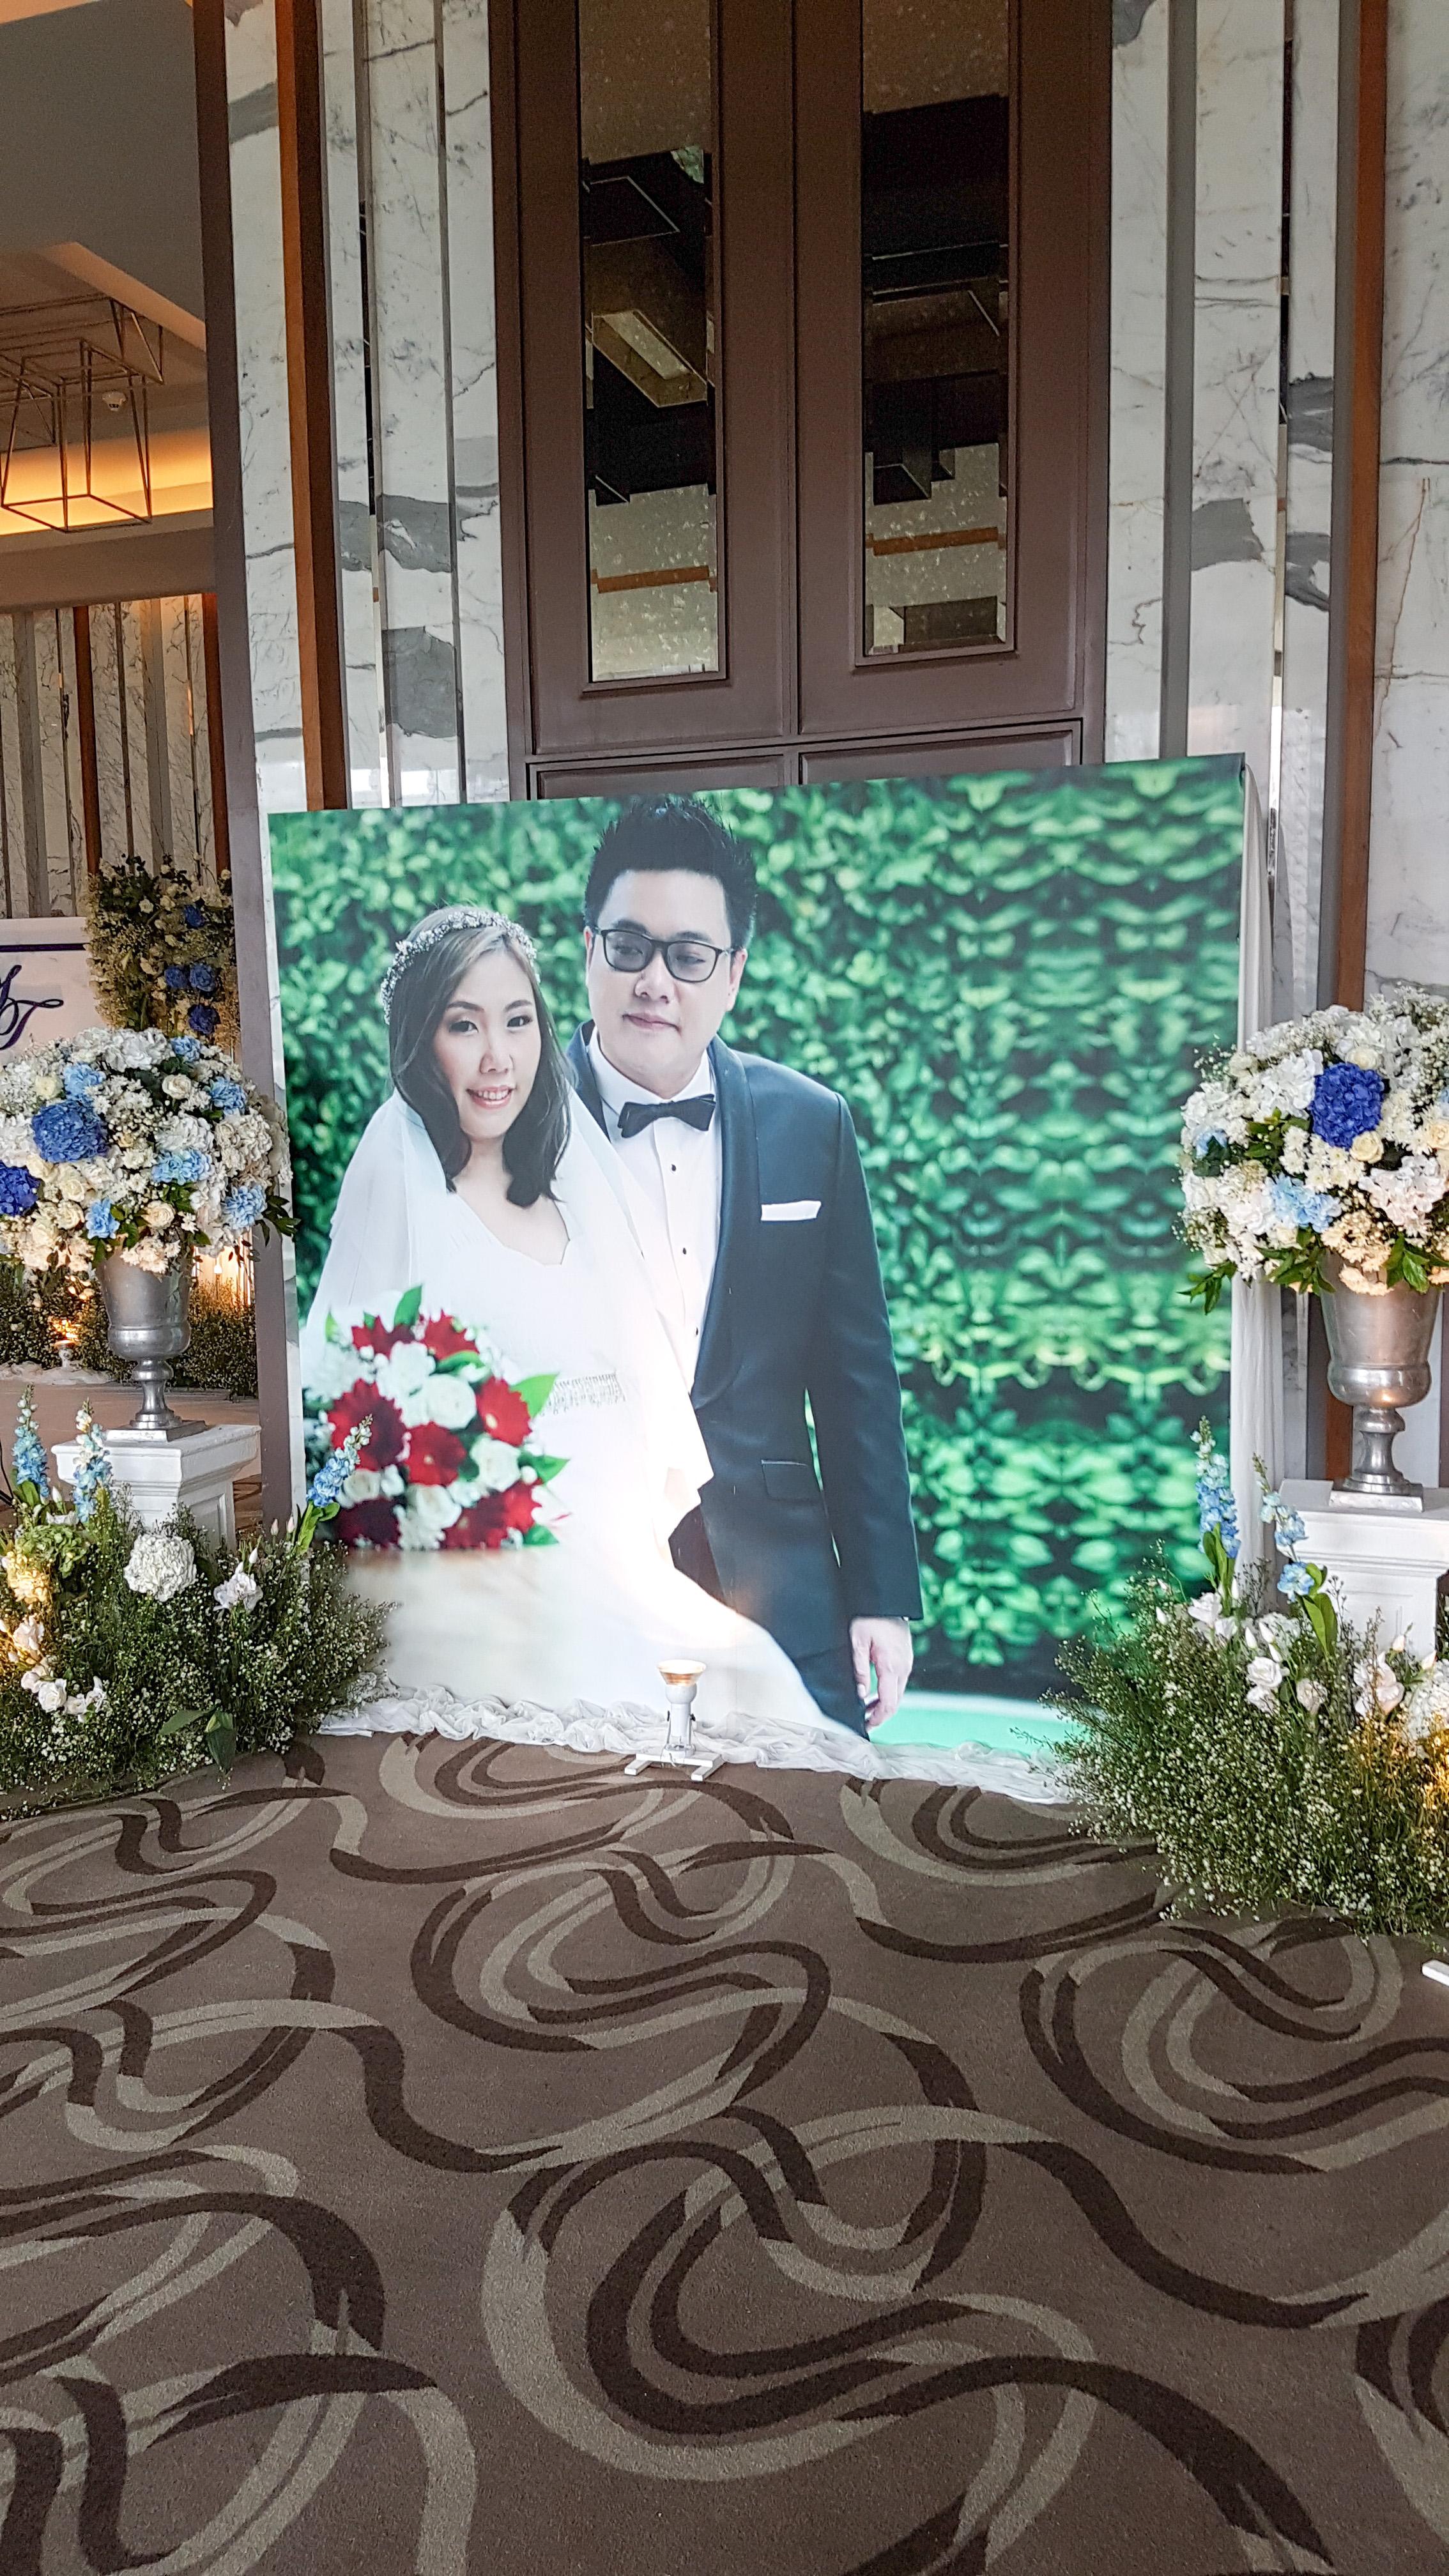 รูปบ่าวสาวบริเวณหน้าห้องจัดเลี้ยง งานแต่งงาน